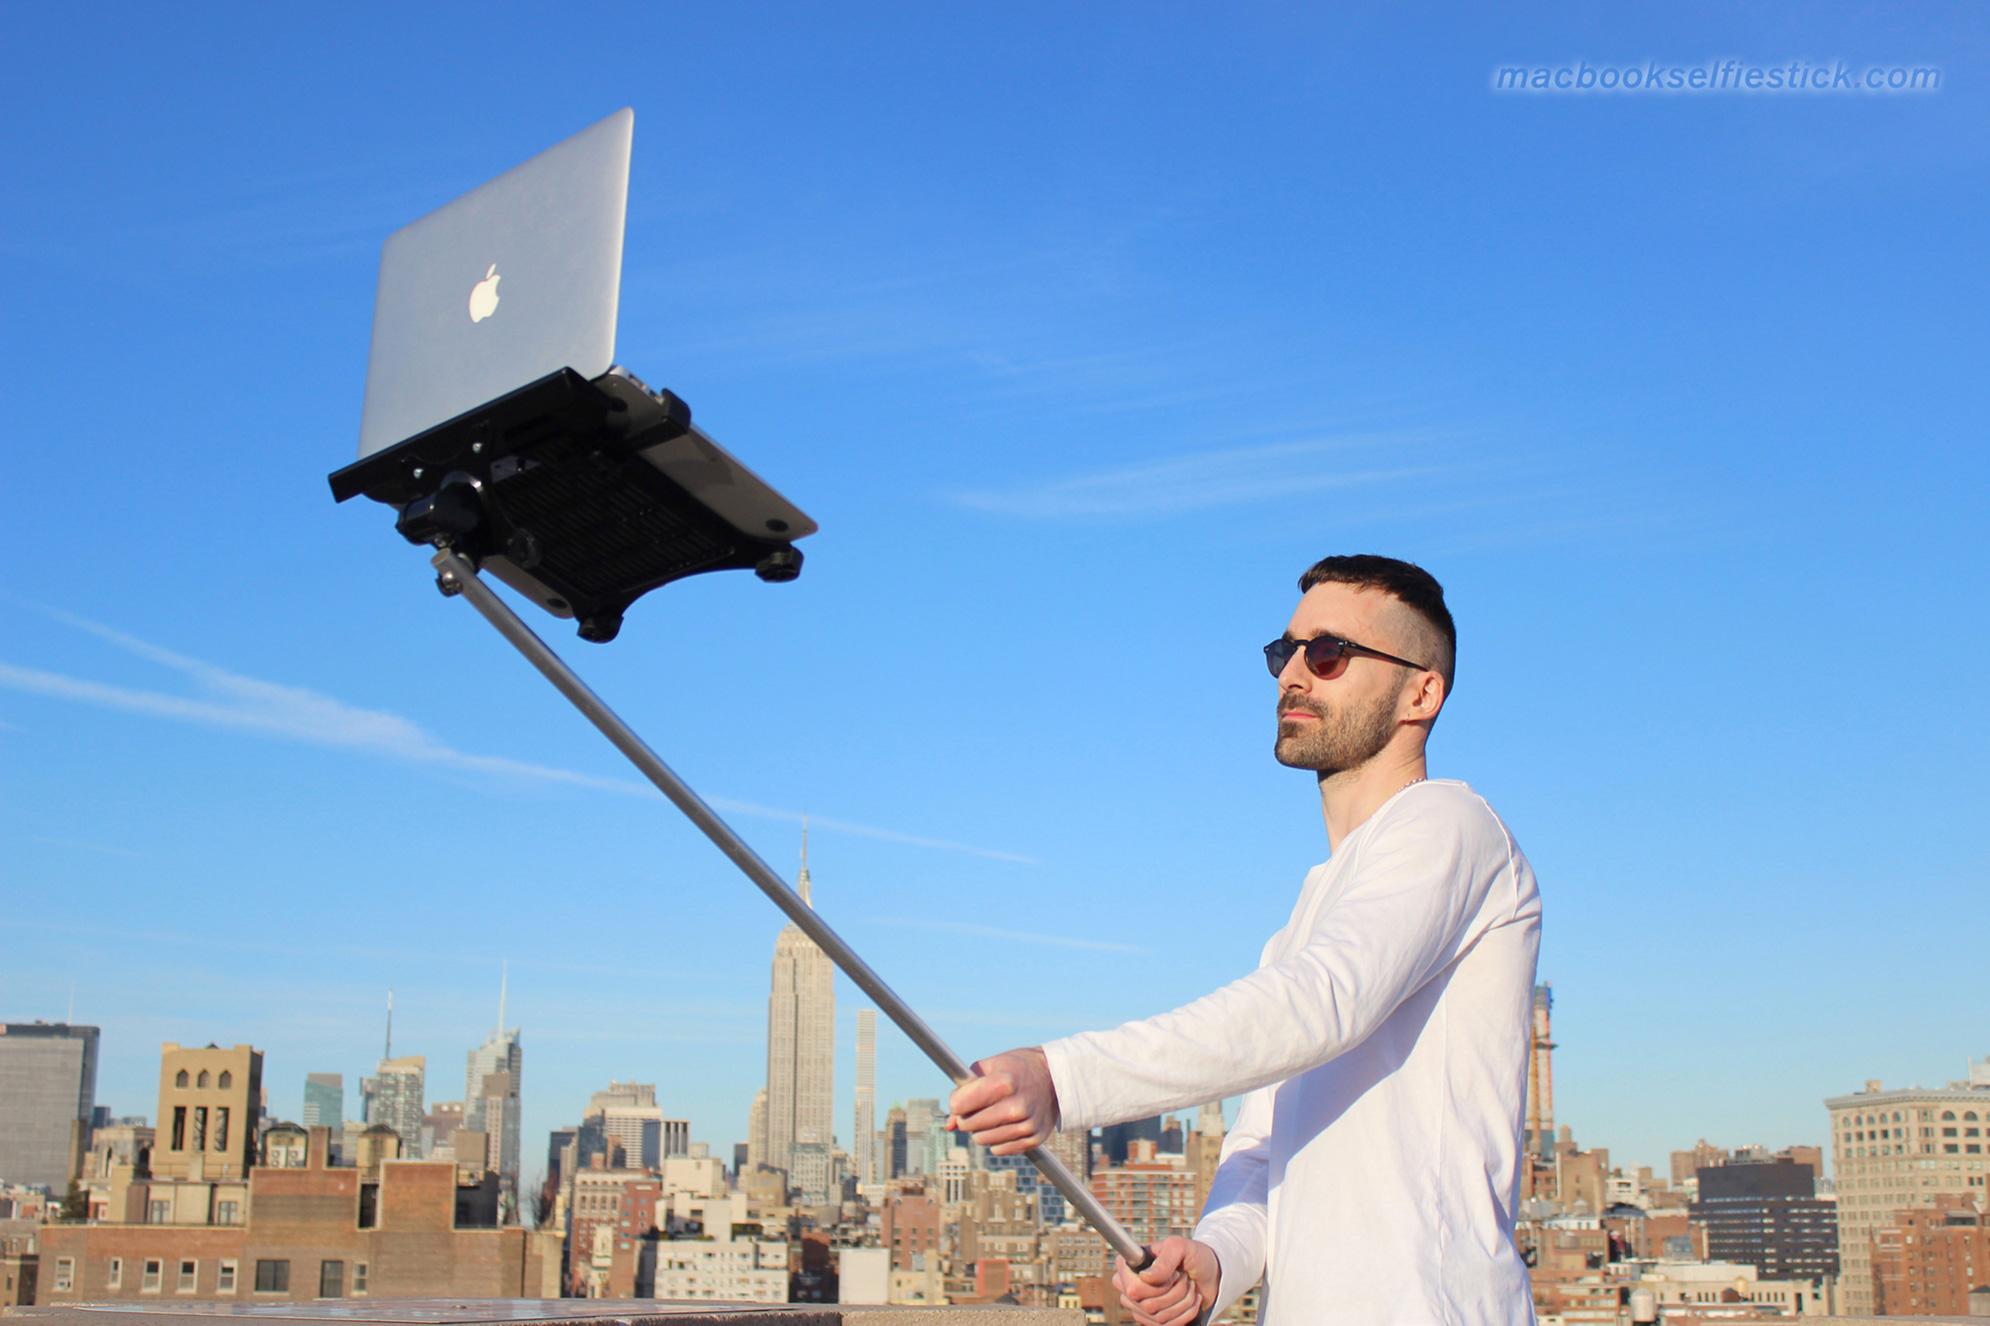 MacBook Selfie Stick 21